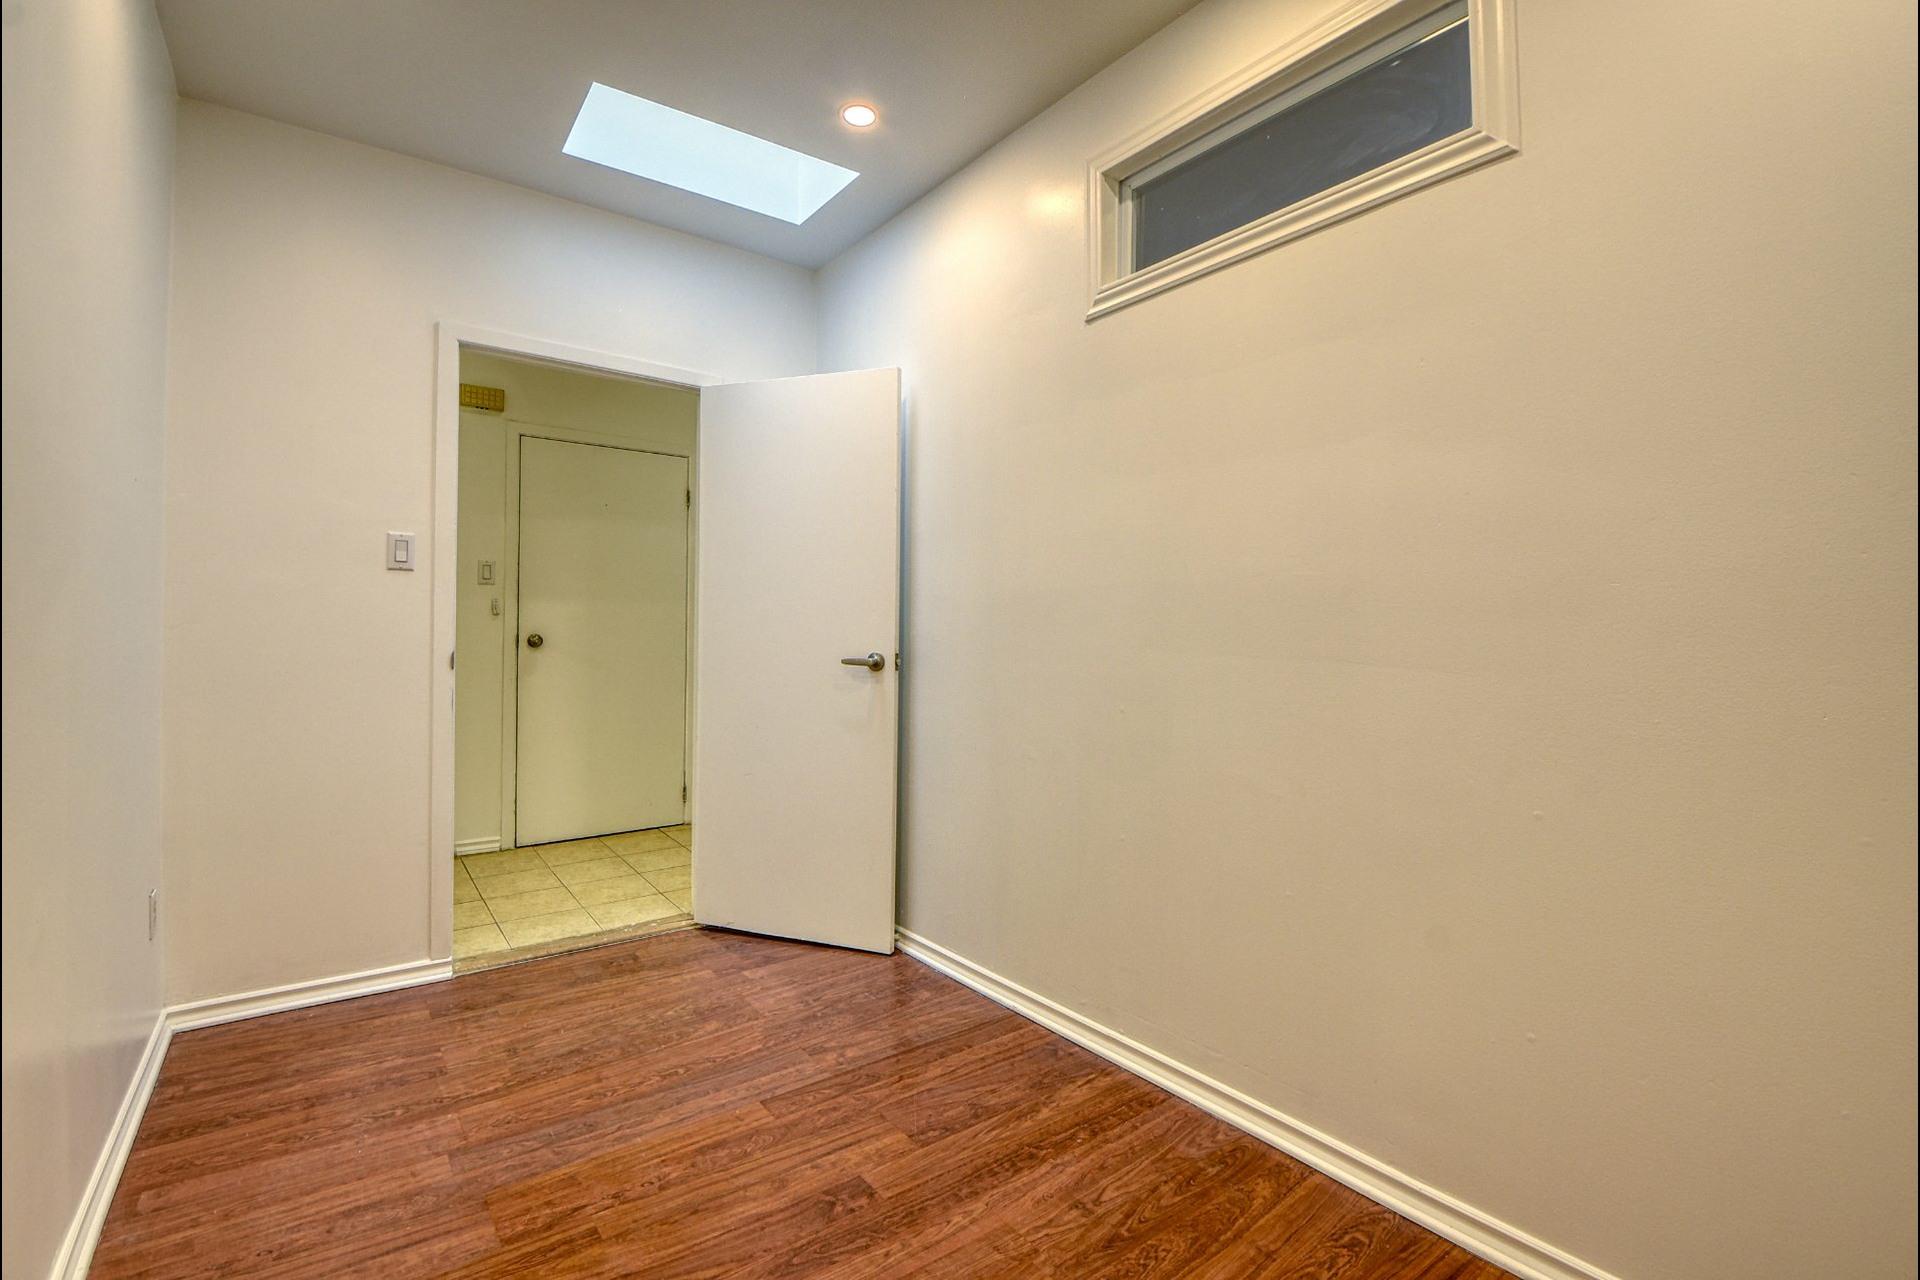 image 10 - Appartement À louer Le Plateau-Mont-Royal Montréal  - 6 pièces